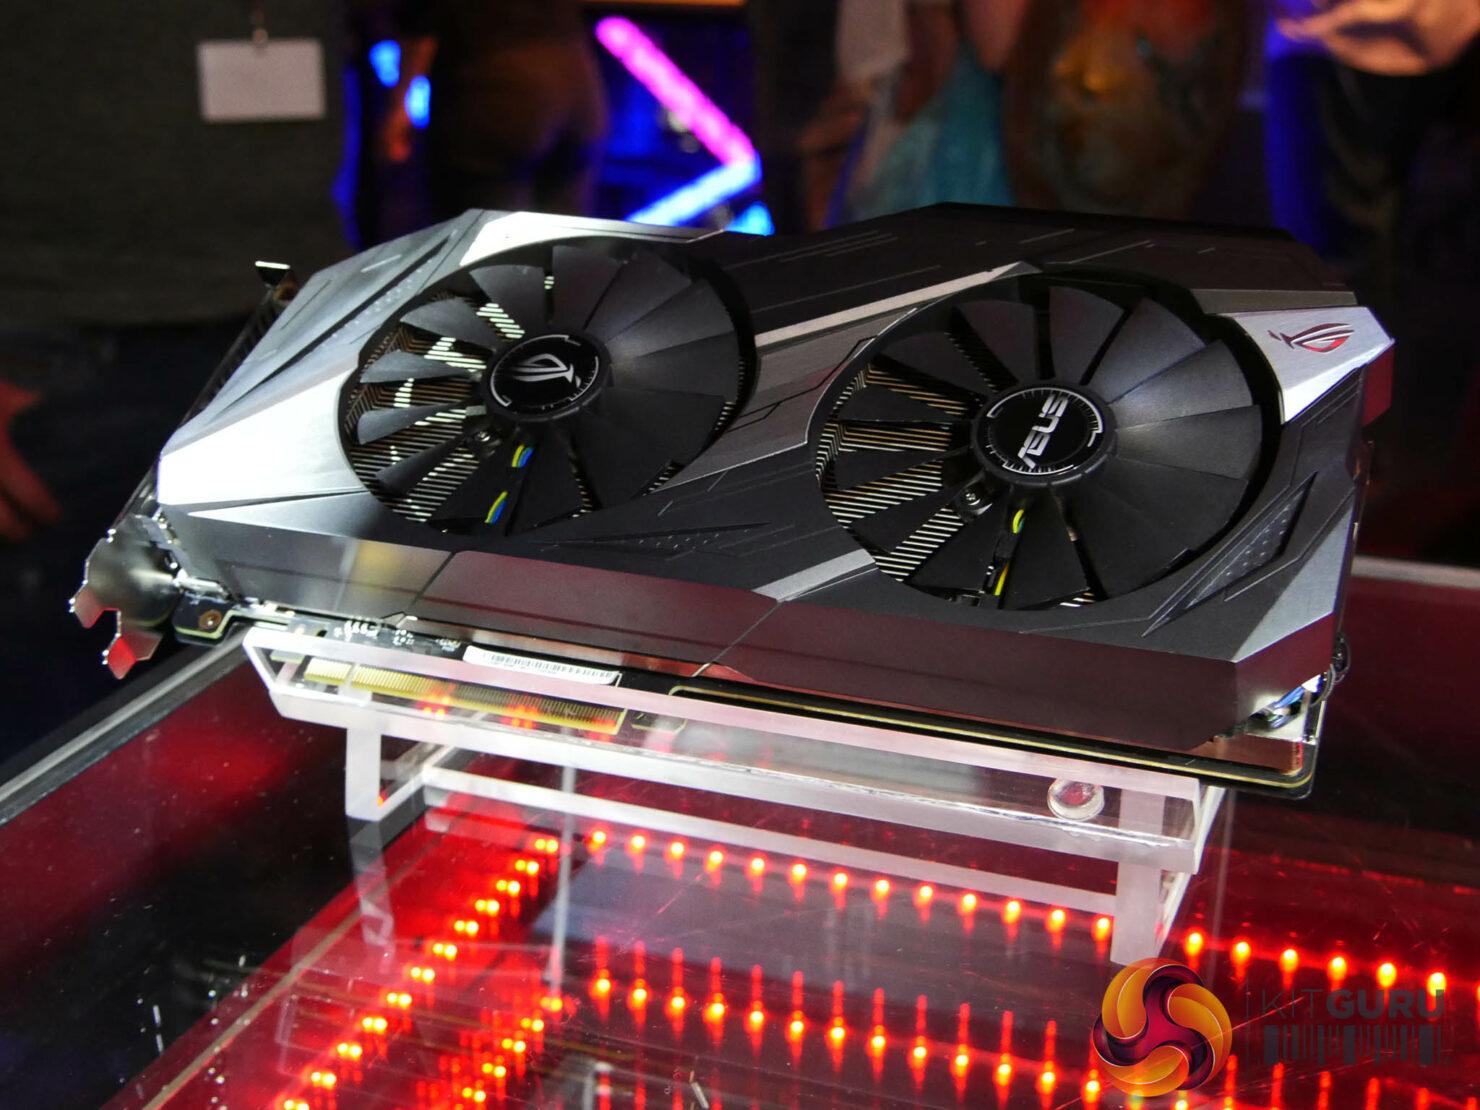 asus-rog-poseidon-gtx-1080-ti-graphics-card-hybrid-cooling_2